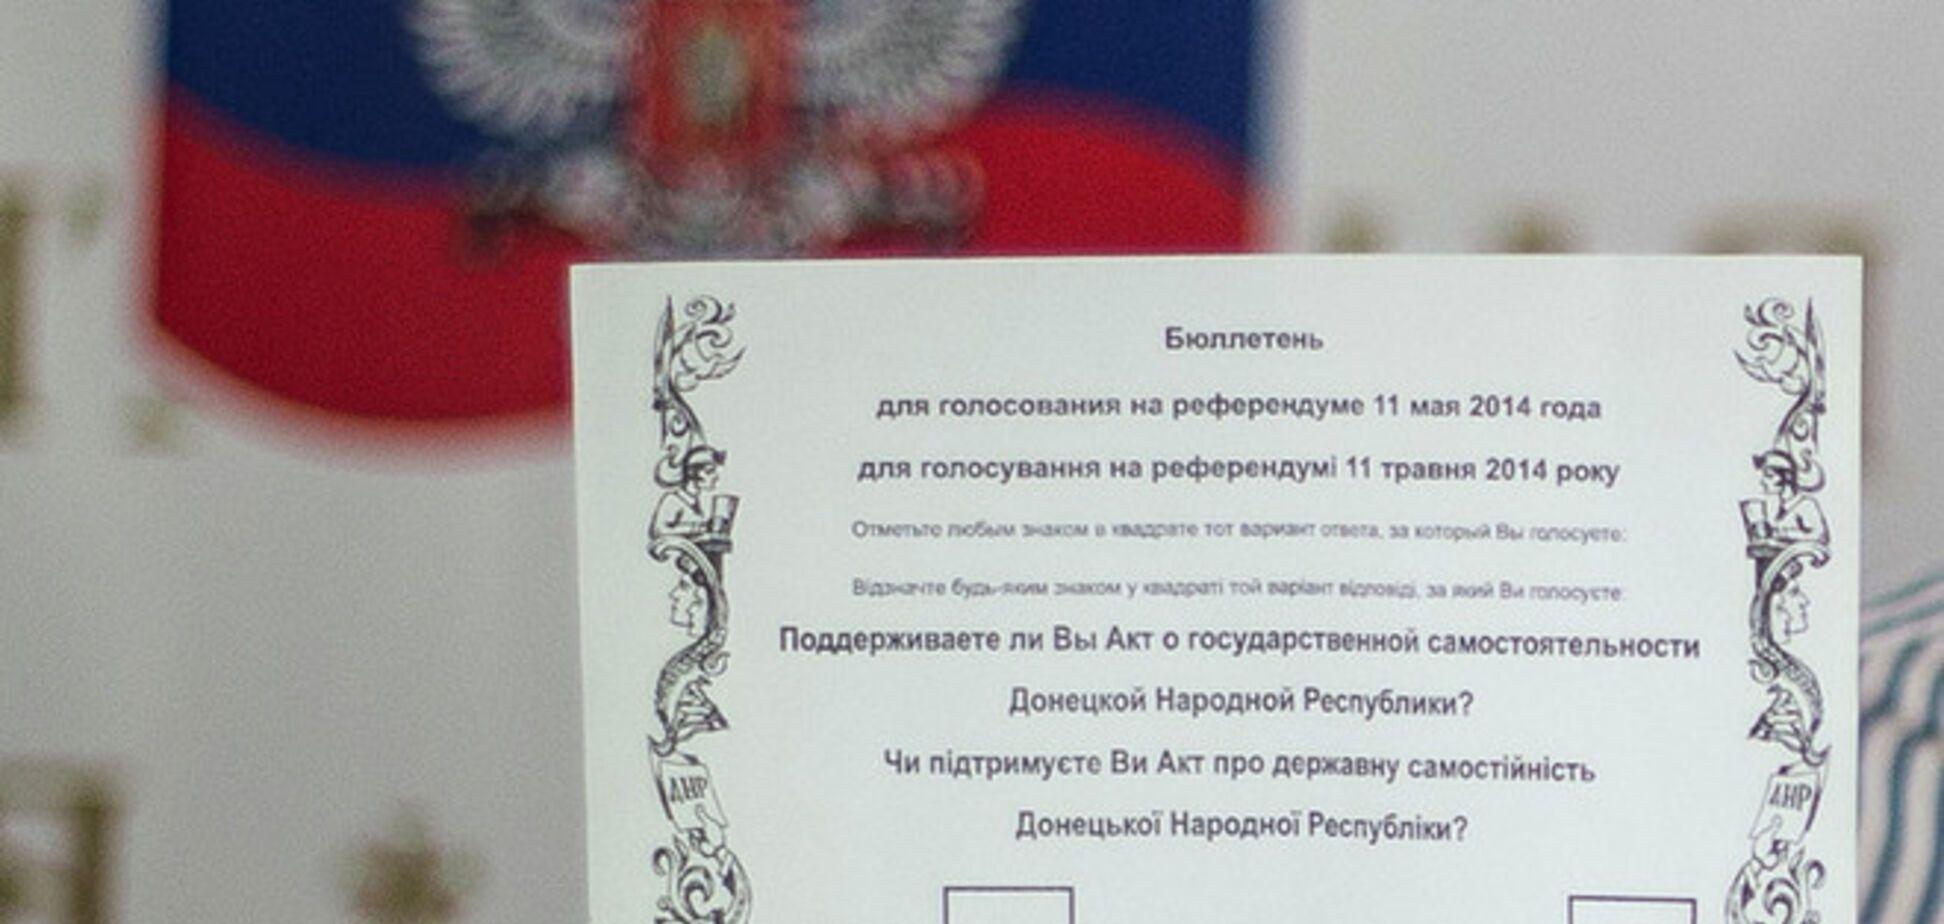 Власники підприємств на Донбасі змушують працівників йти на 'референдум' - 'ІС'